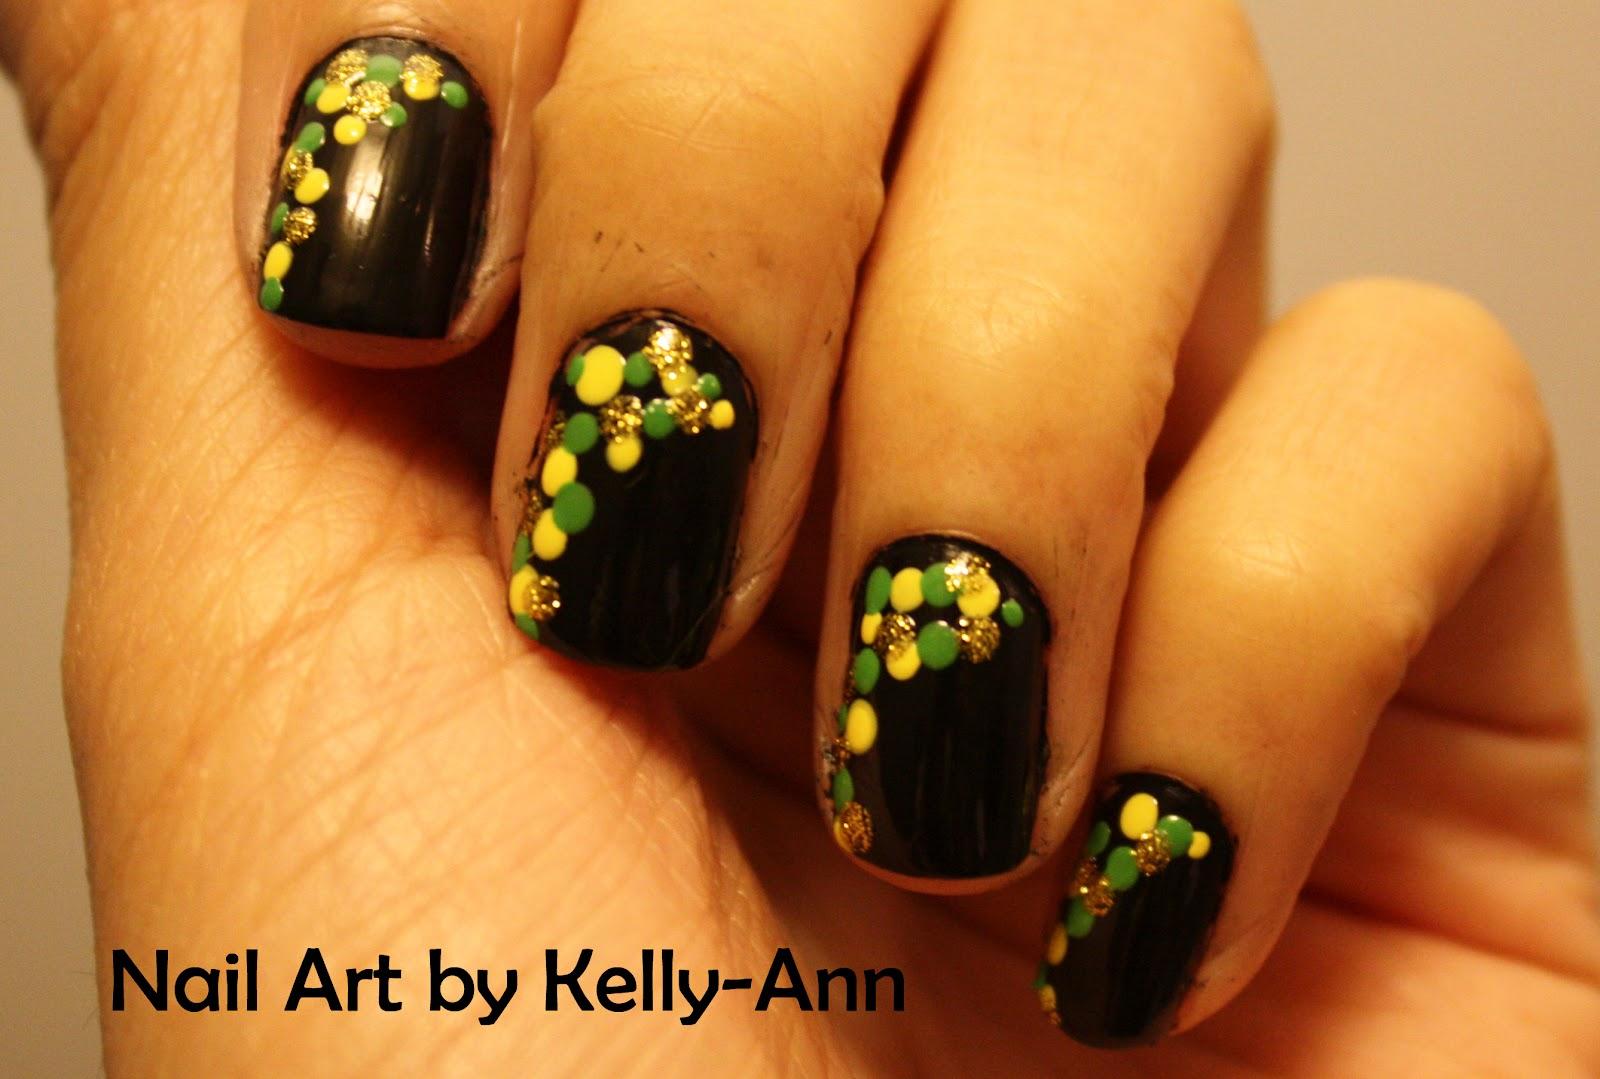 Nail Art by Kelly-Ann: Feeling Patriotic